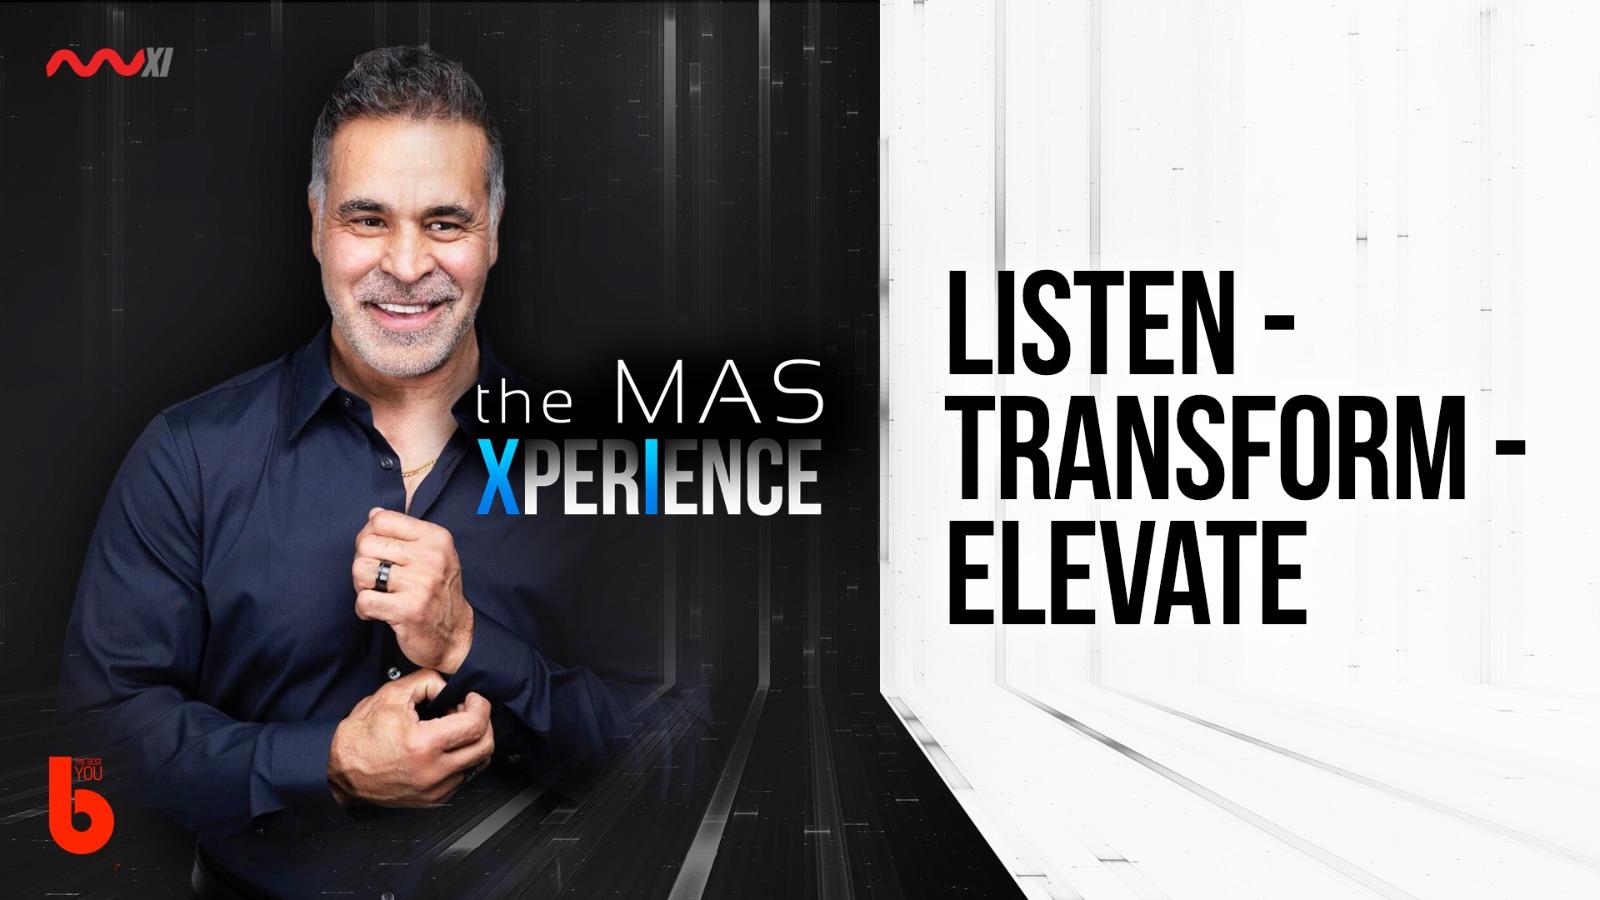 Listen - Transform - Elevate